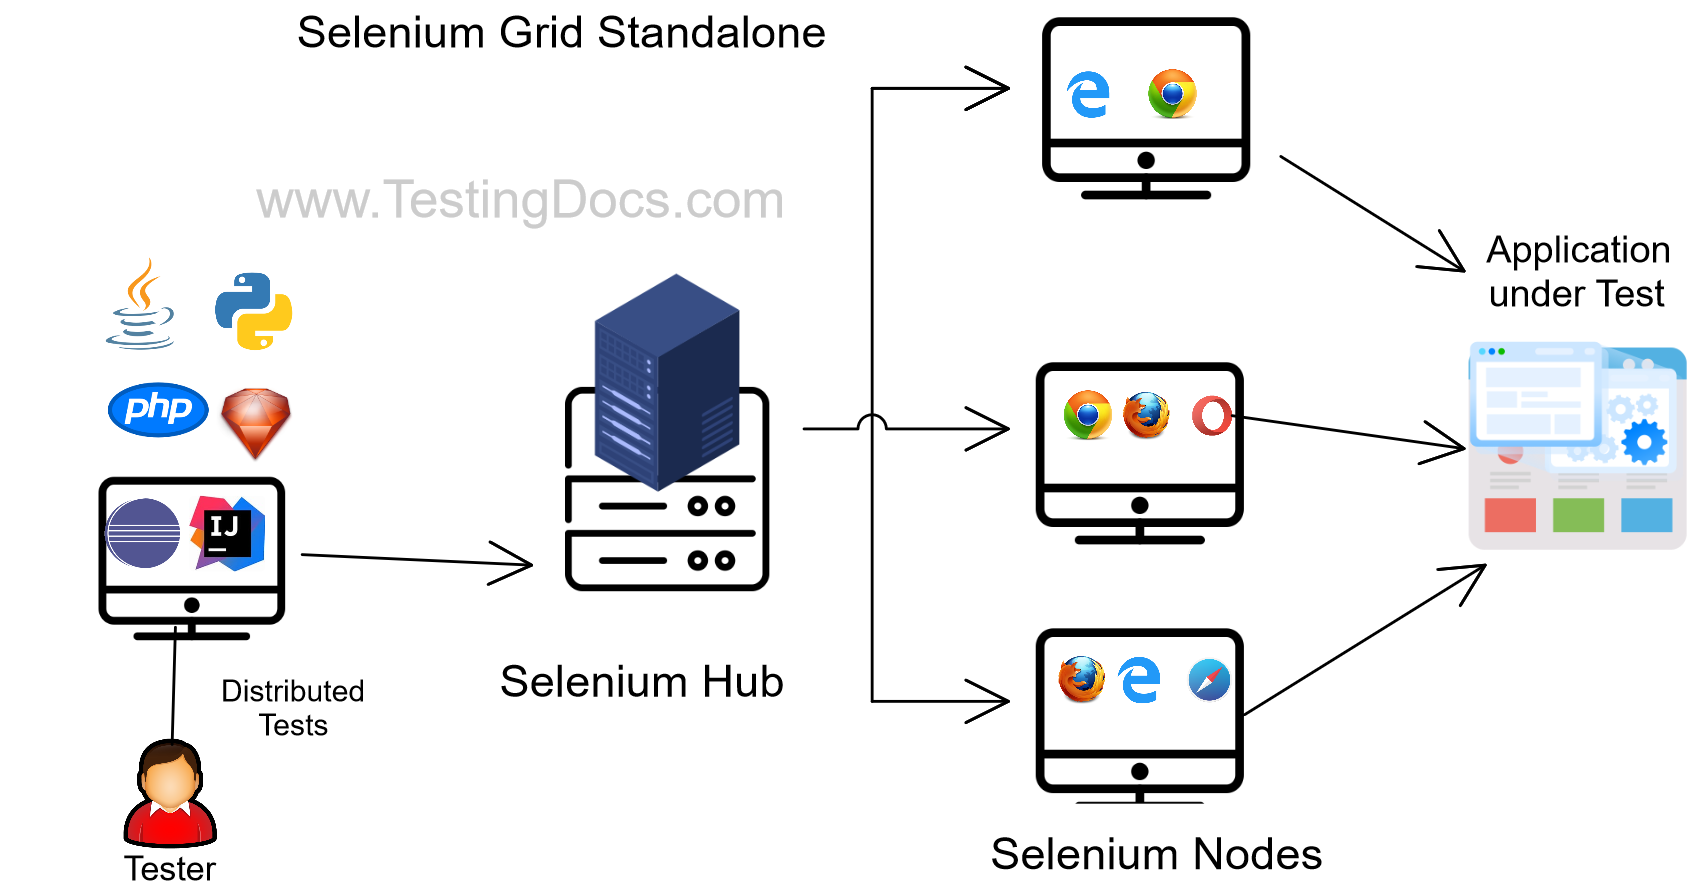 Selenium Grid Standalone